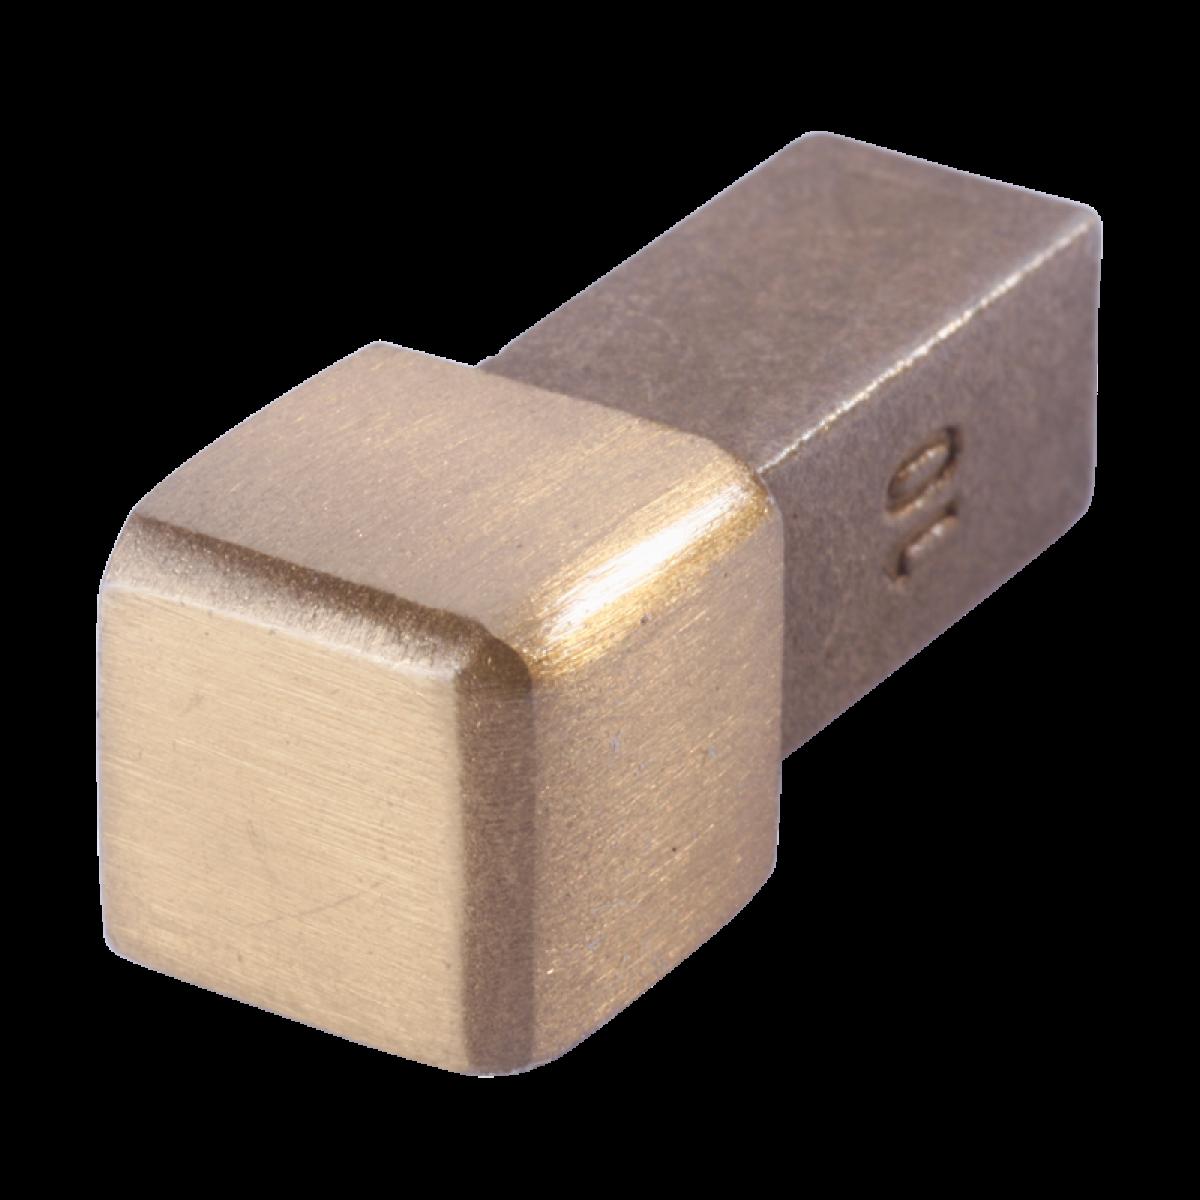 Außenecke FEQ-S 110 GG - Style Volledelstahl  - gold geb.